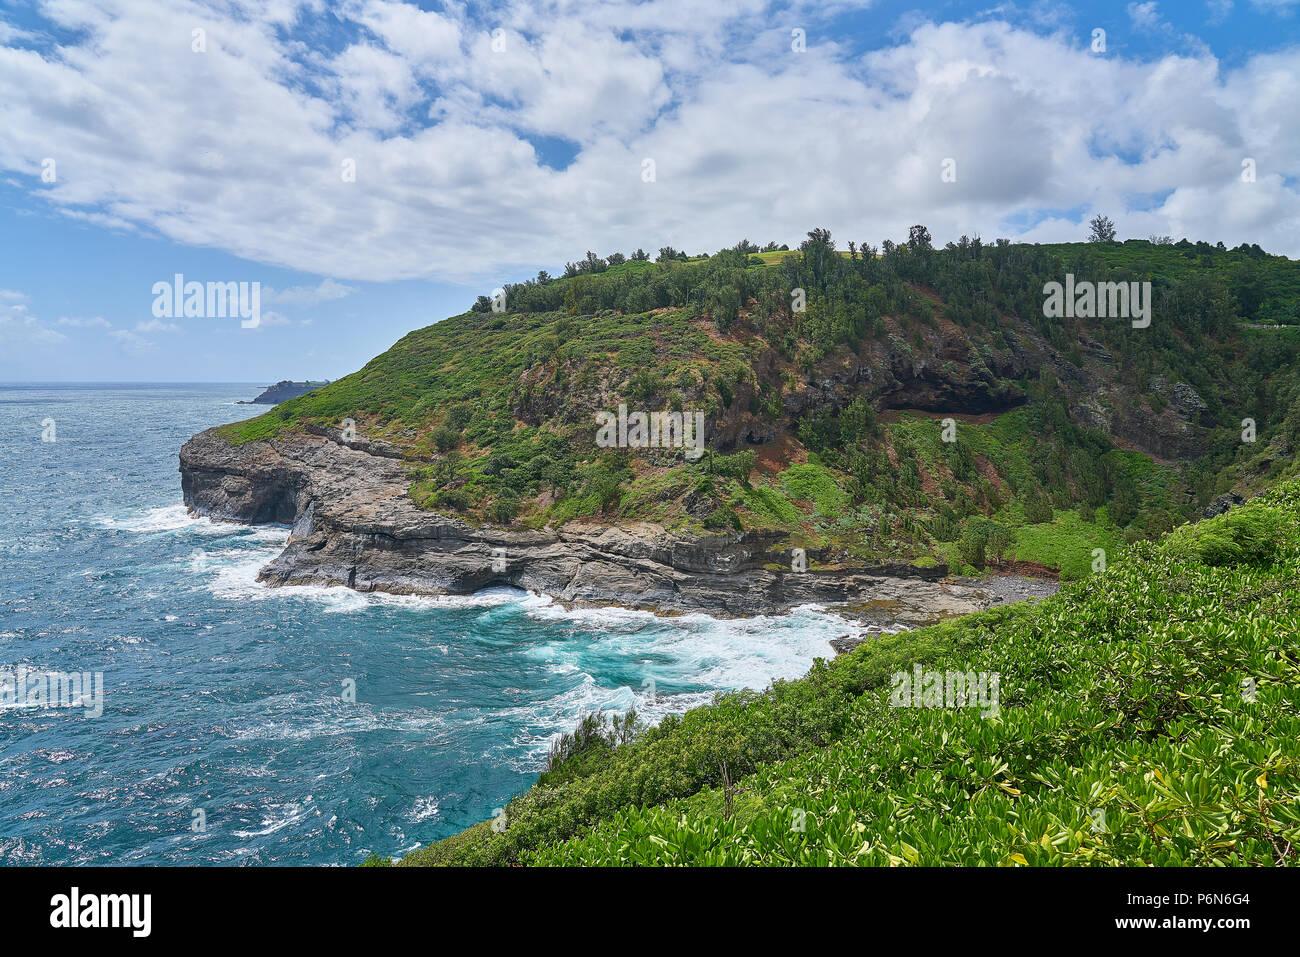 Kilauea Lighthouse Wildlife Refuge - Stock Image